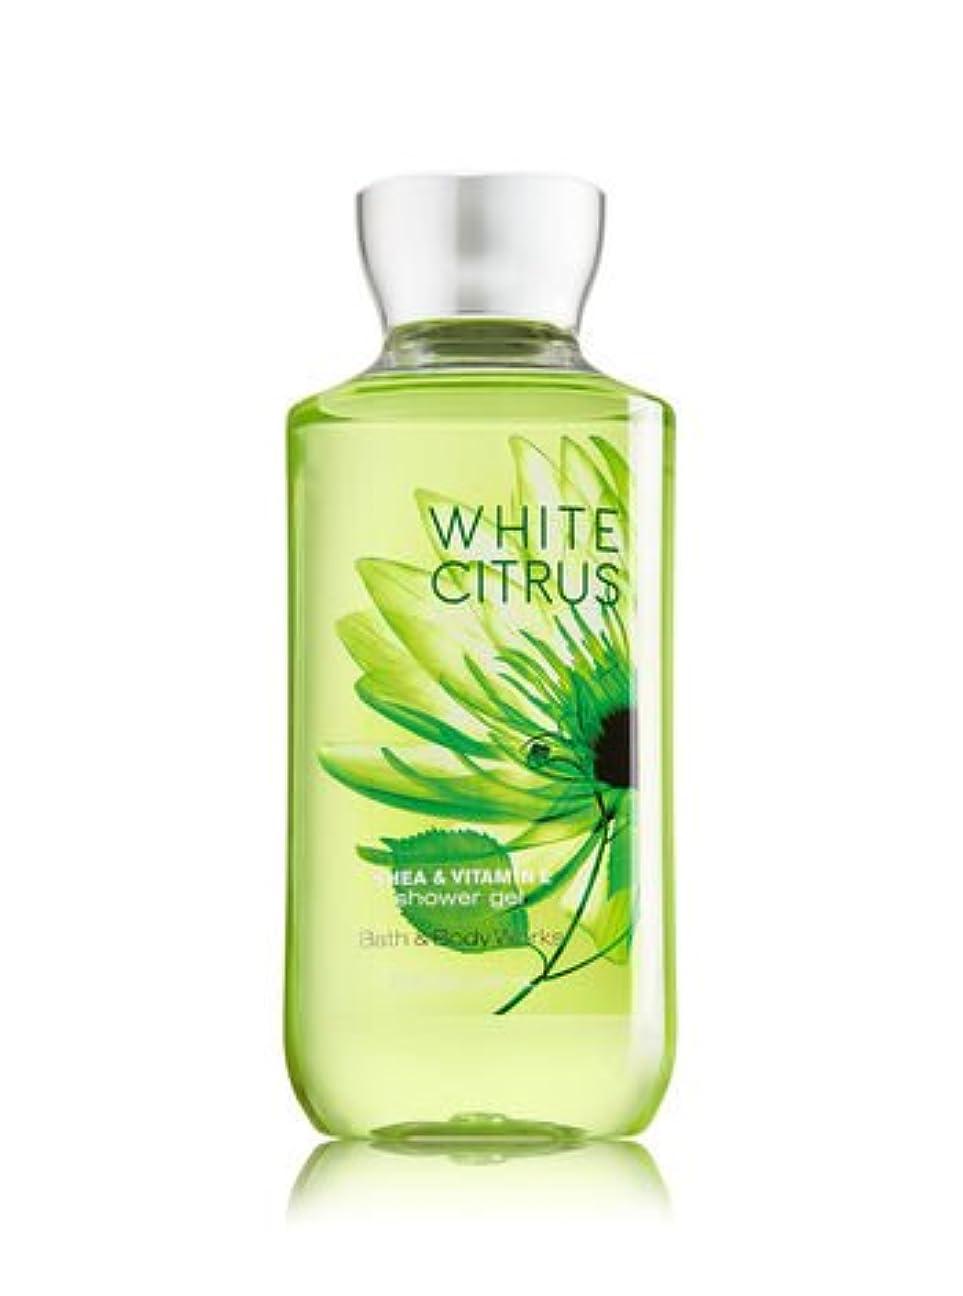 無限忘れる隣接バス&ボディワークス ホワイトシトラス シャワージェル White Citrus Shower Gel [並行輸入品]